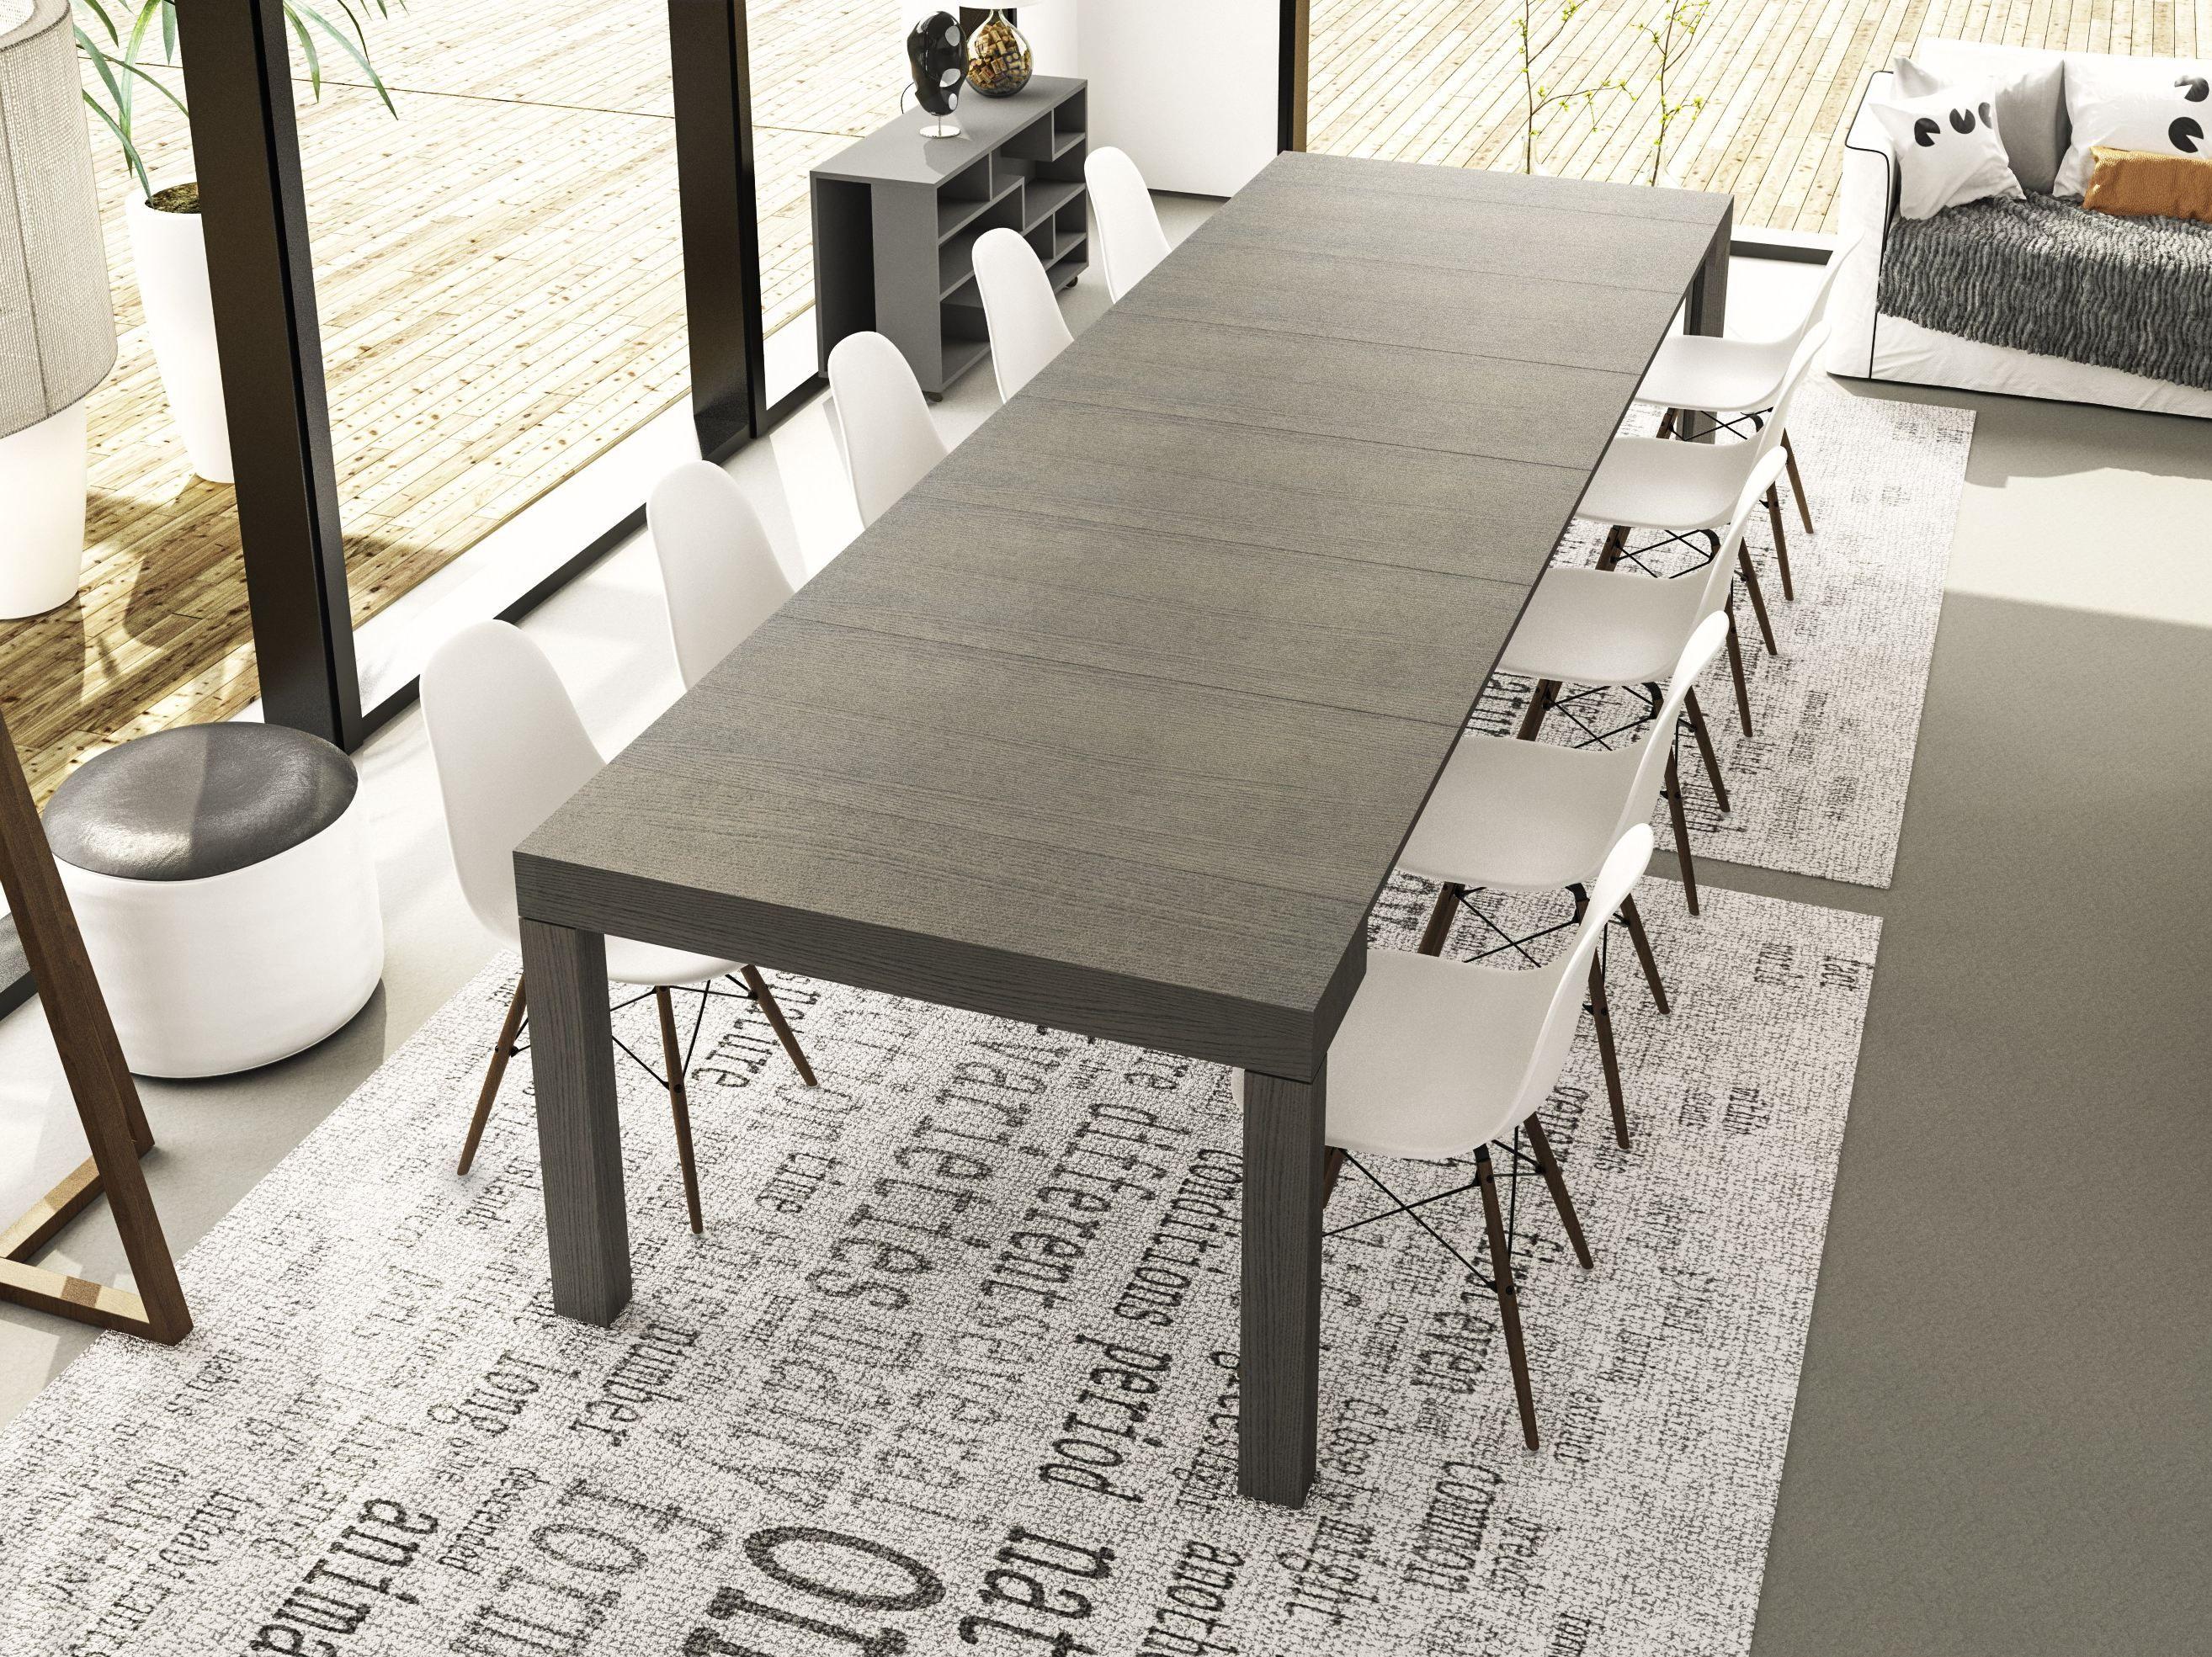 MAYA Consolle allungabile by Arredo Creativo | tavoli e tavolini ...